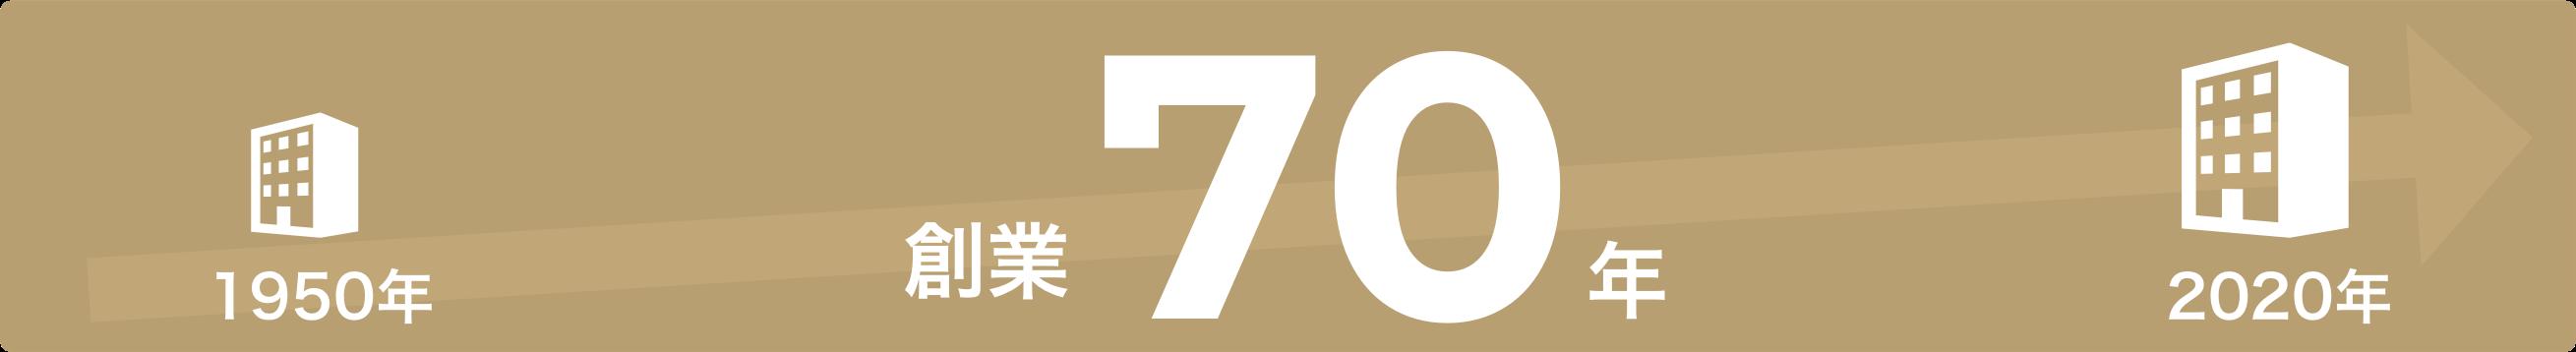 数字で見るCST-1